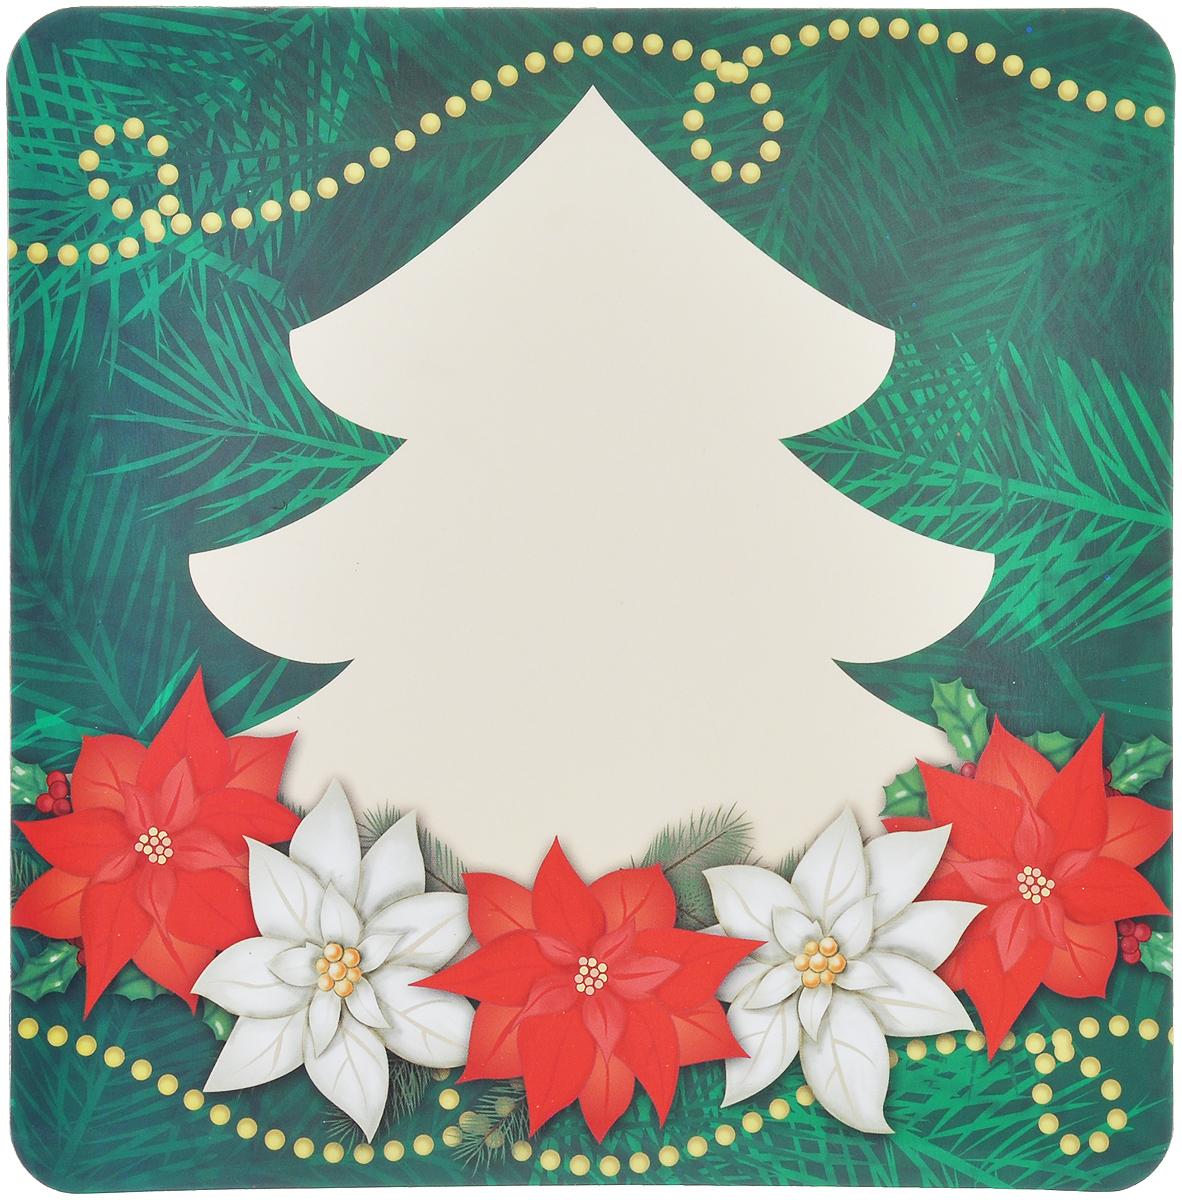 Магнит для записей Lunten Ranta Подарок. Ель и цветы, 16 см х 16 см65907_ель и цветыМагнит для записей Lunten Ranta Подарок. Ель и цветы, выполненный из ПВХ и бумаги, оформлен ярким изображением. На таком магните вы сможете написать оригинальное новогоднее поздравление и удивить ваших друзей и близких. Изделие отлично подойдет для декорирования домашнего интерьера, а так же станет приятным и необычным подарком.